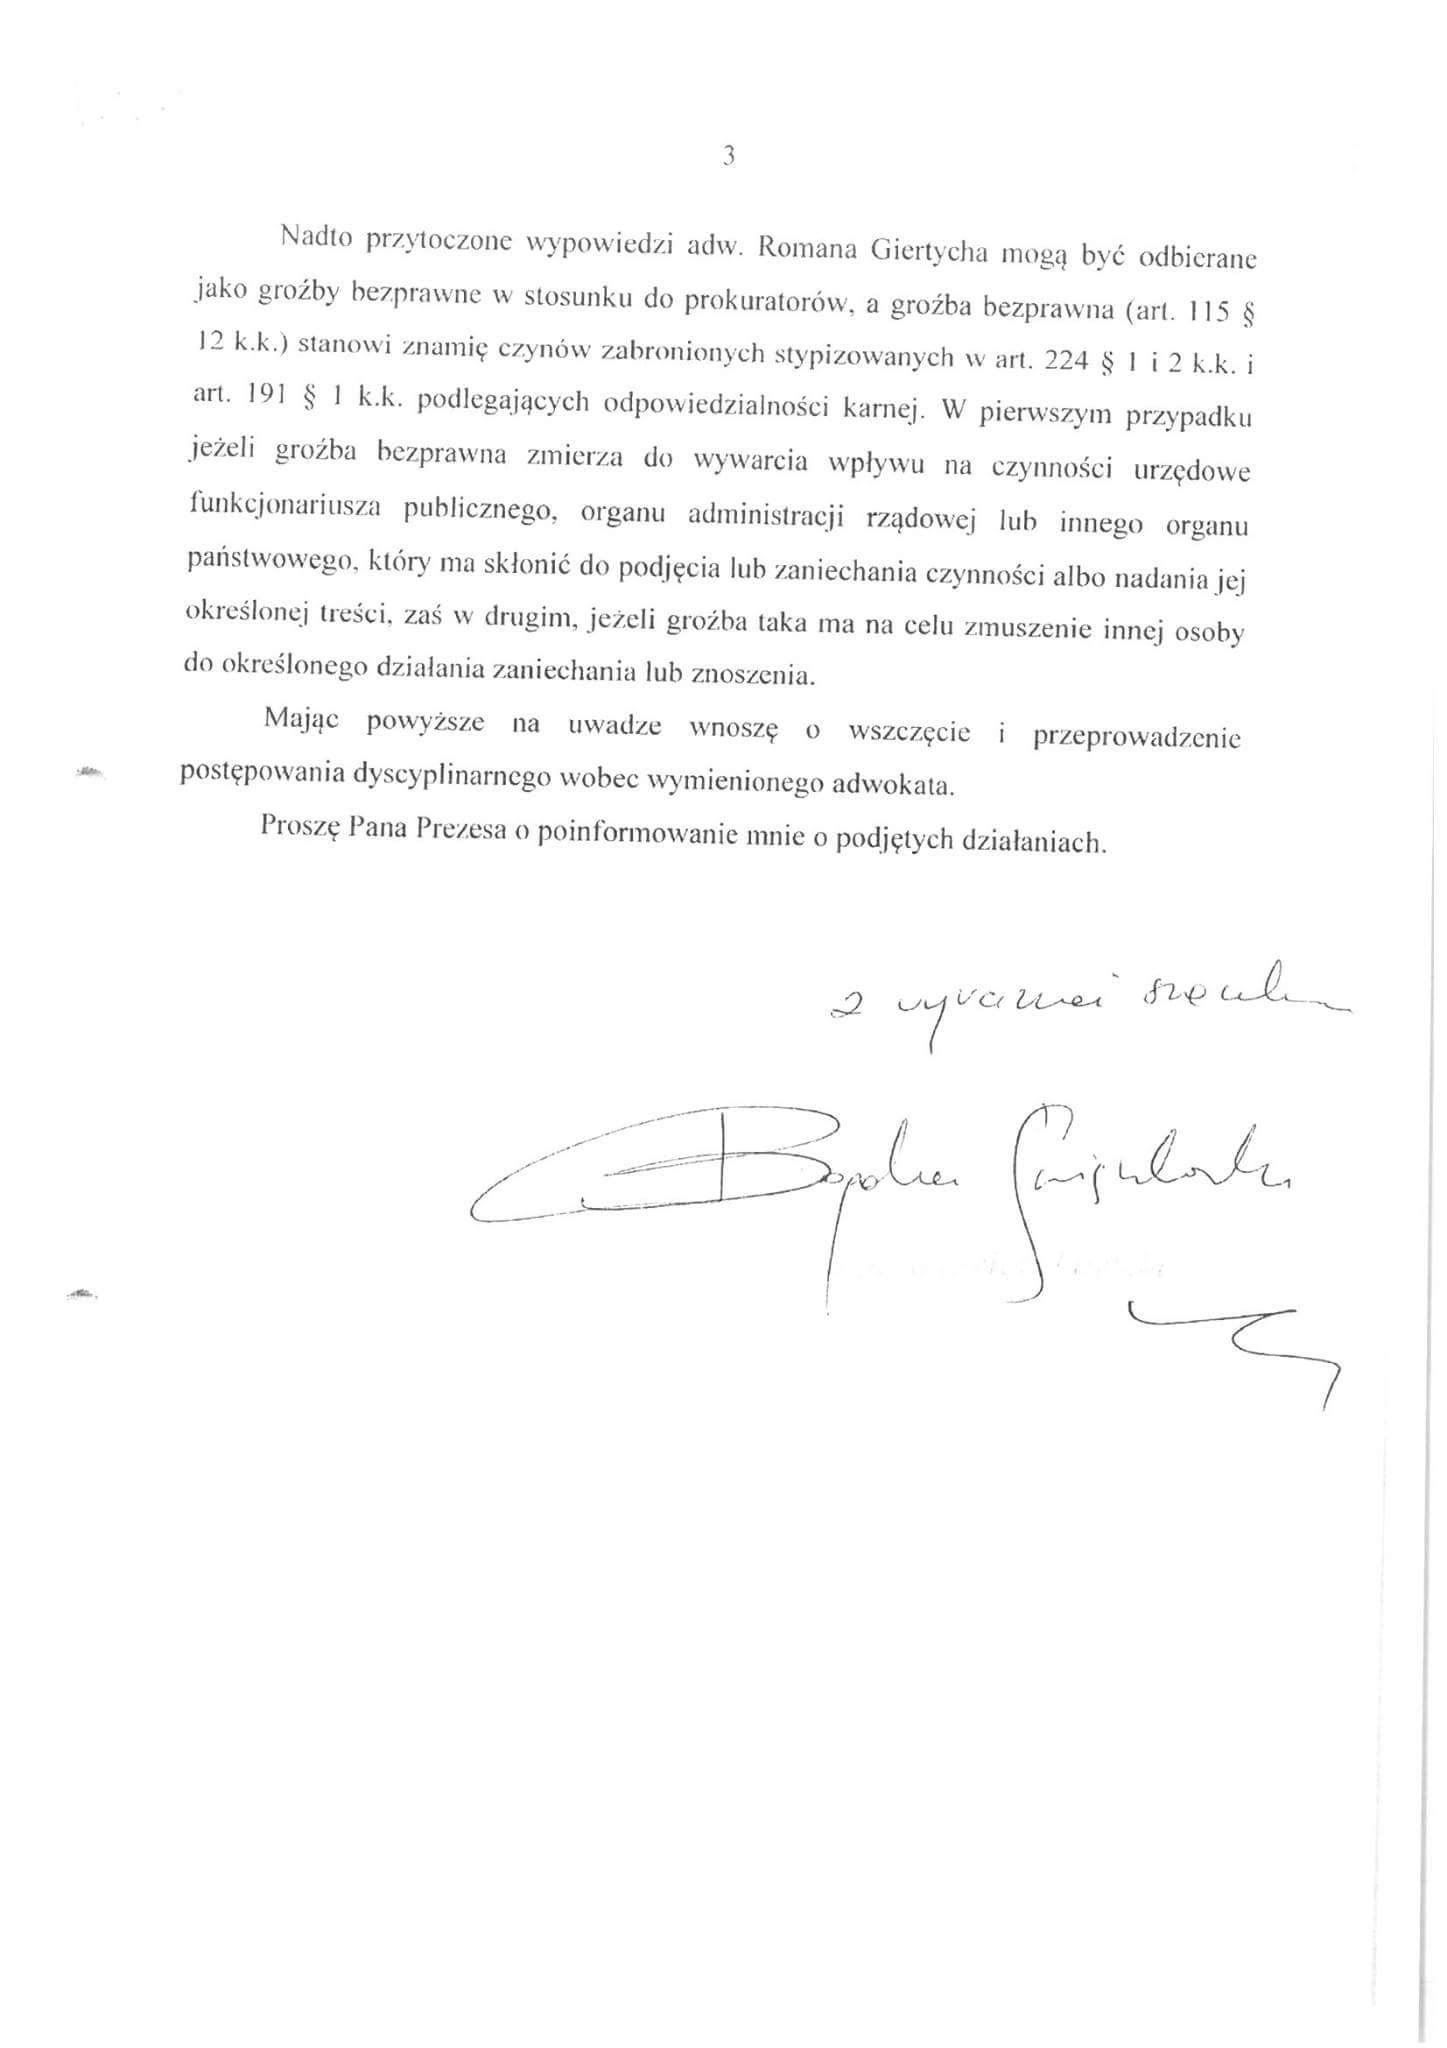 Pismo Prokuratora Krajowego do Romana Giertycha